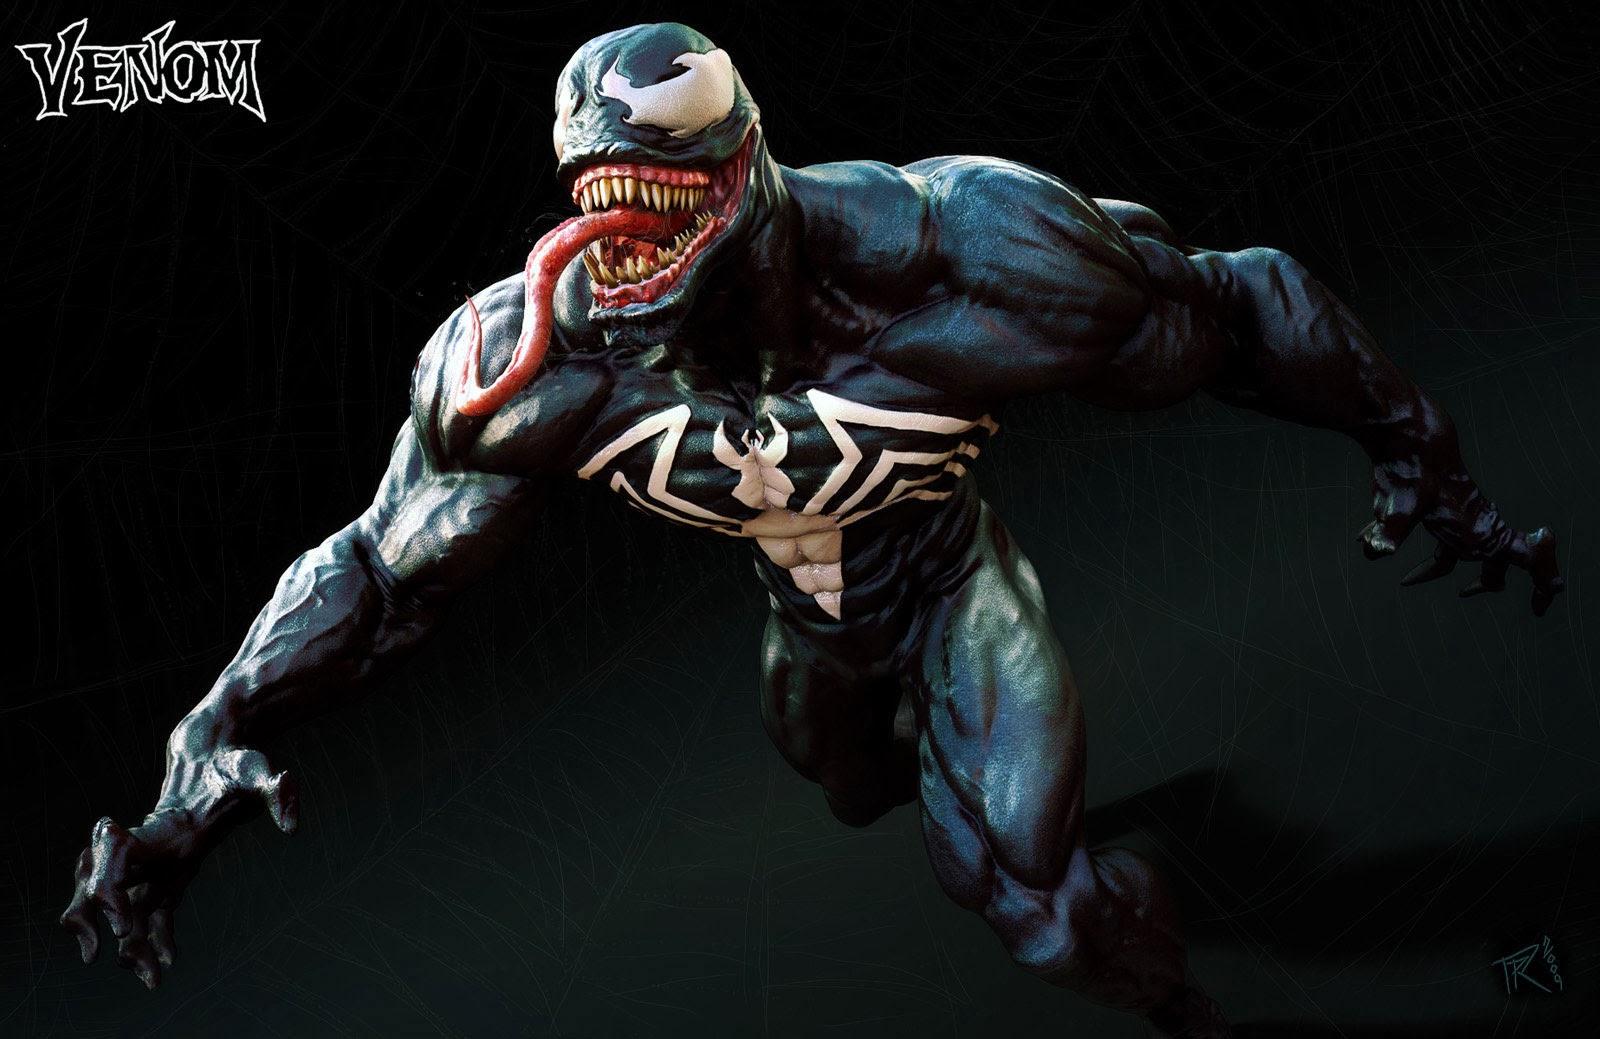 Spider Man 3d Live Wallpaper Sony Lanzar 225 Pel 237 Cula Sobre Venom Uno De Los Villanos M 225 S